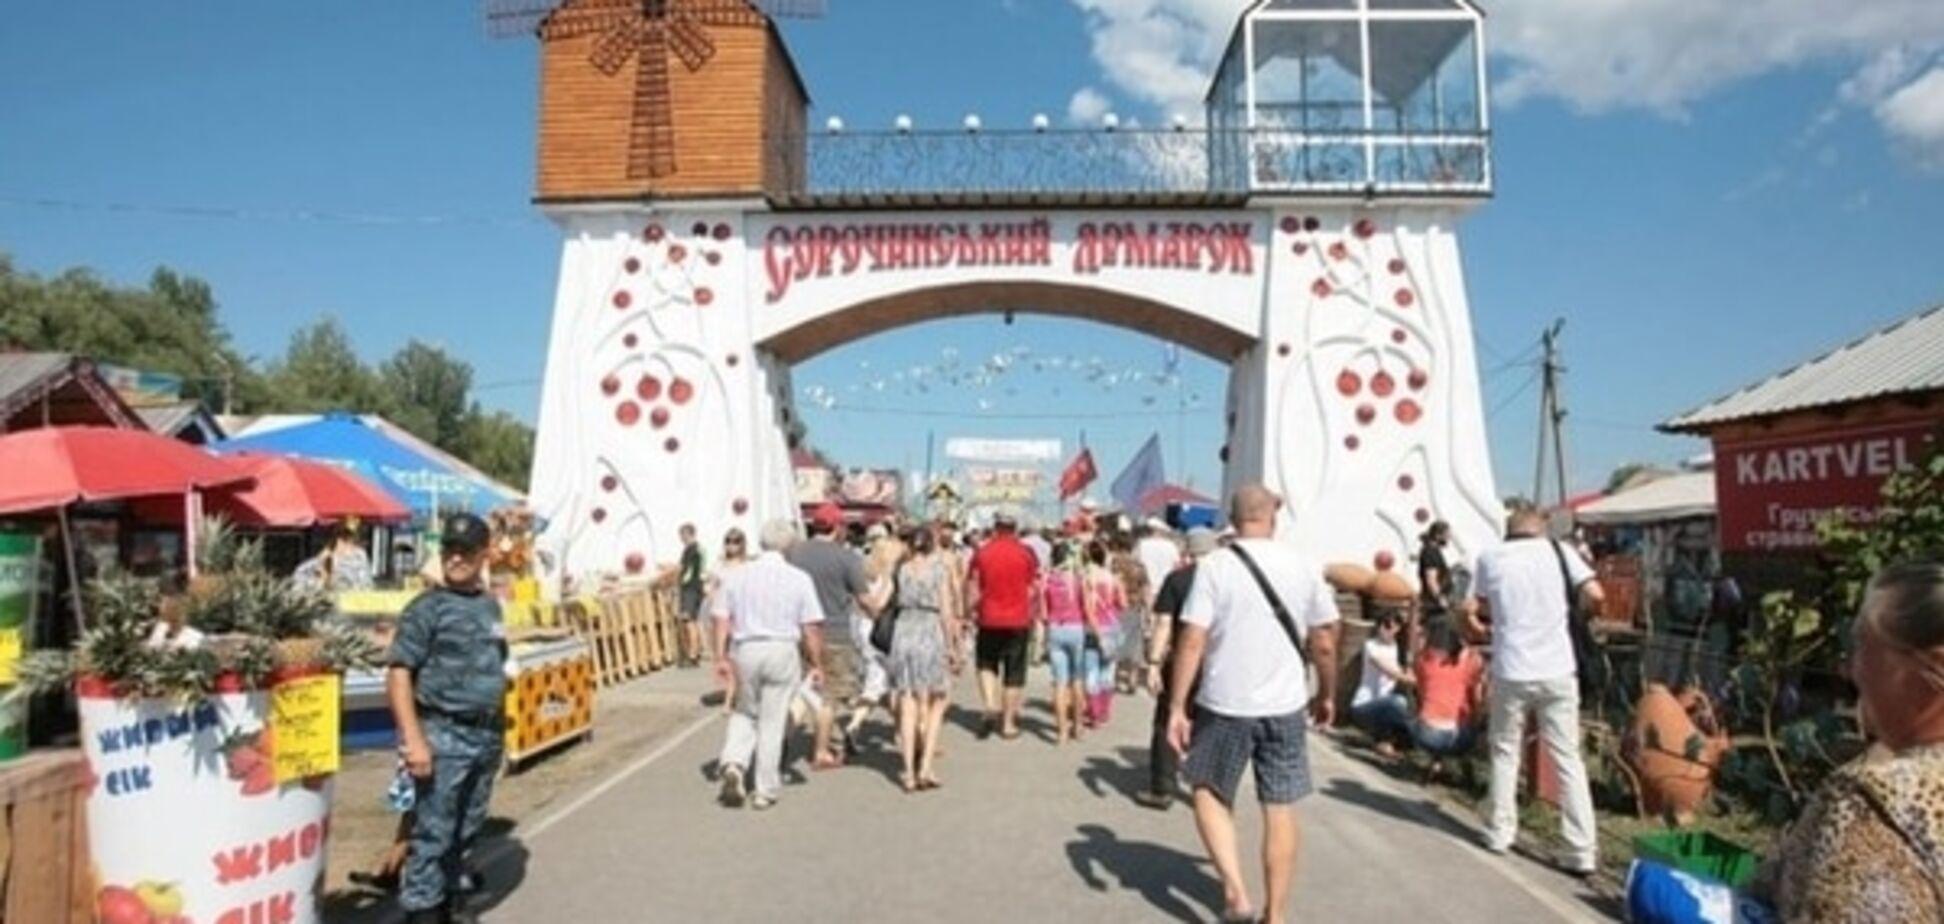 На Сорочинской ярмарке задержали жителей Луганщины с арсеналом холодного оружия